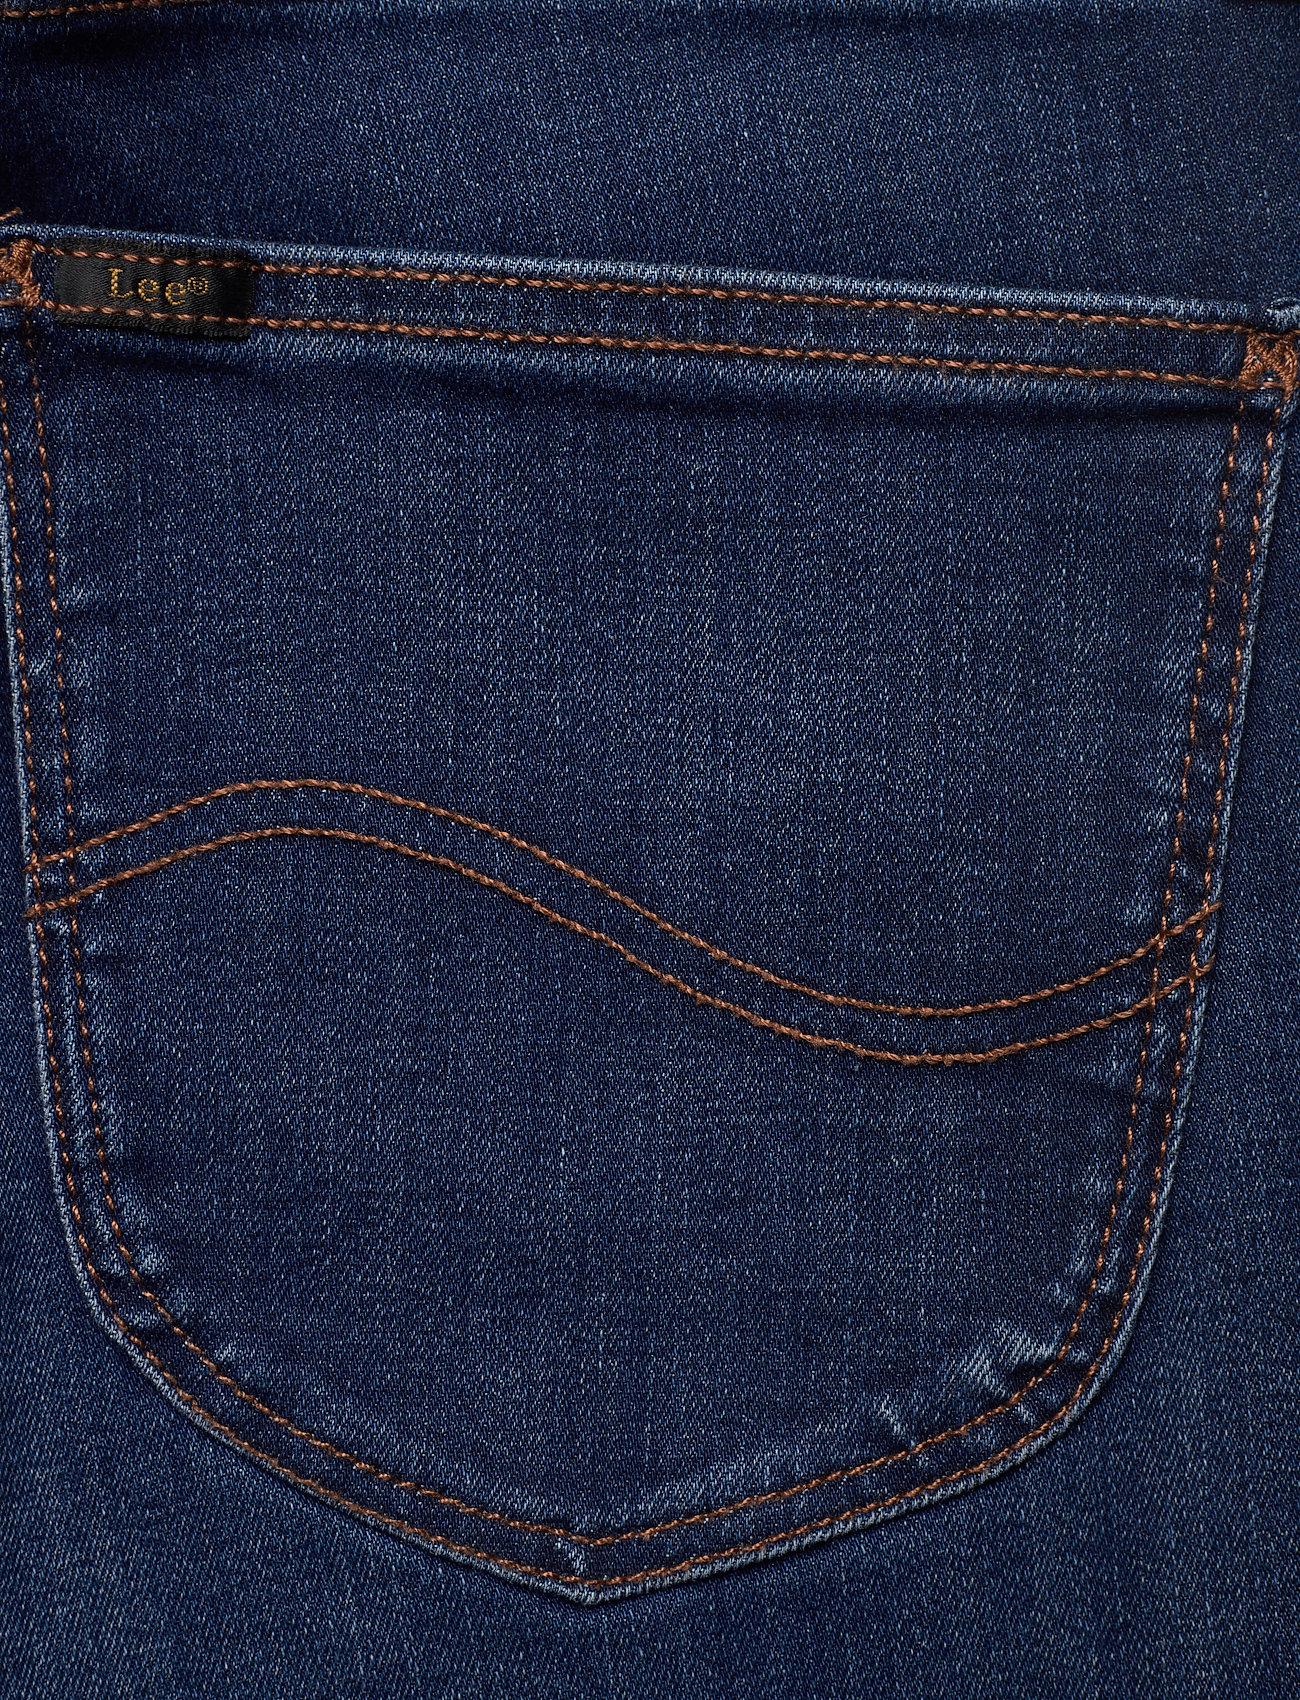 Lee Jeans - IVY - skinny jeans - dark hunt - 4